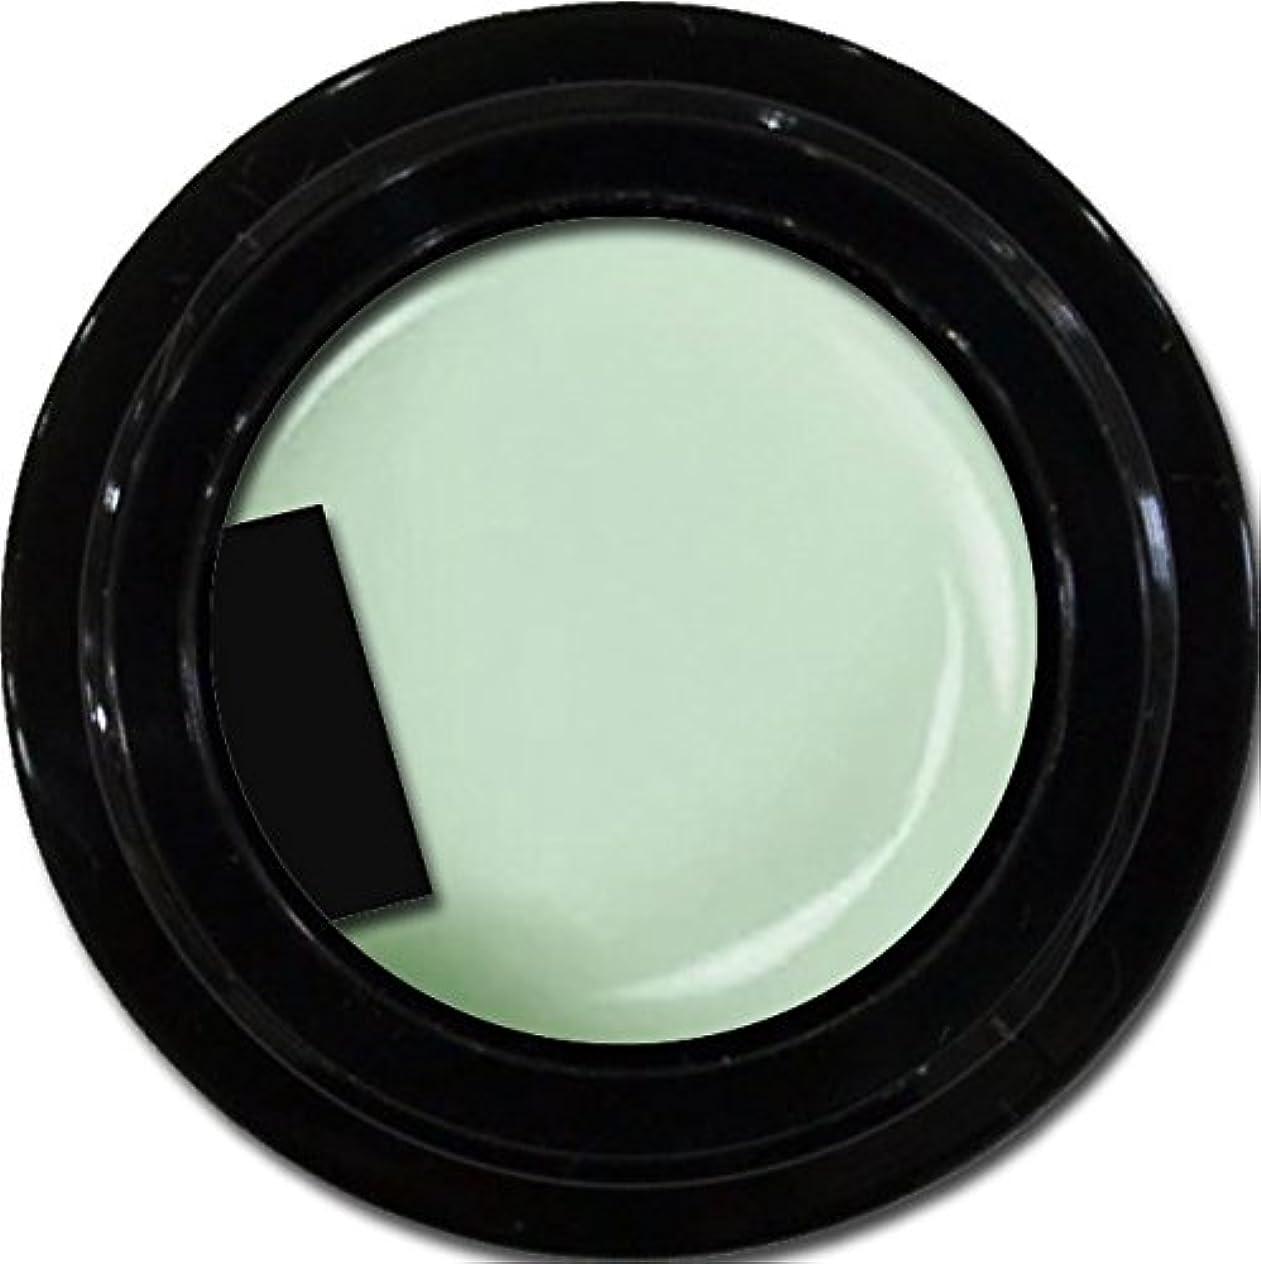 カラージェル enchant color gel M703 MintDesign 3g/ マットカラージェル M703 ミントデザイン 3グラム